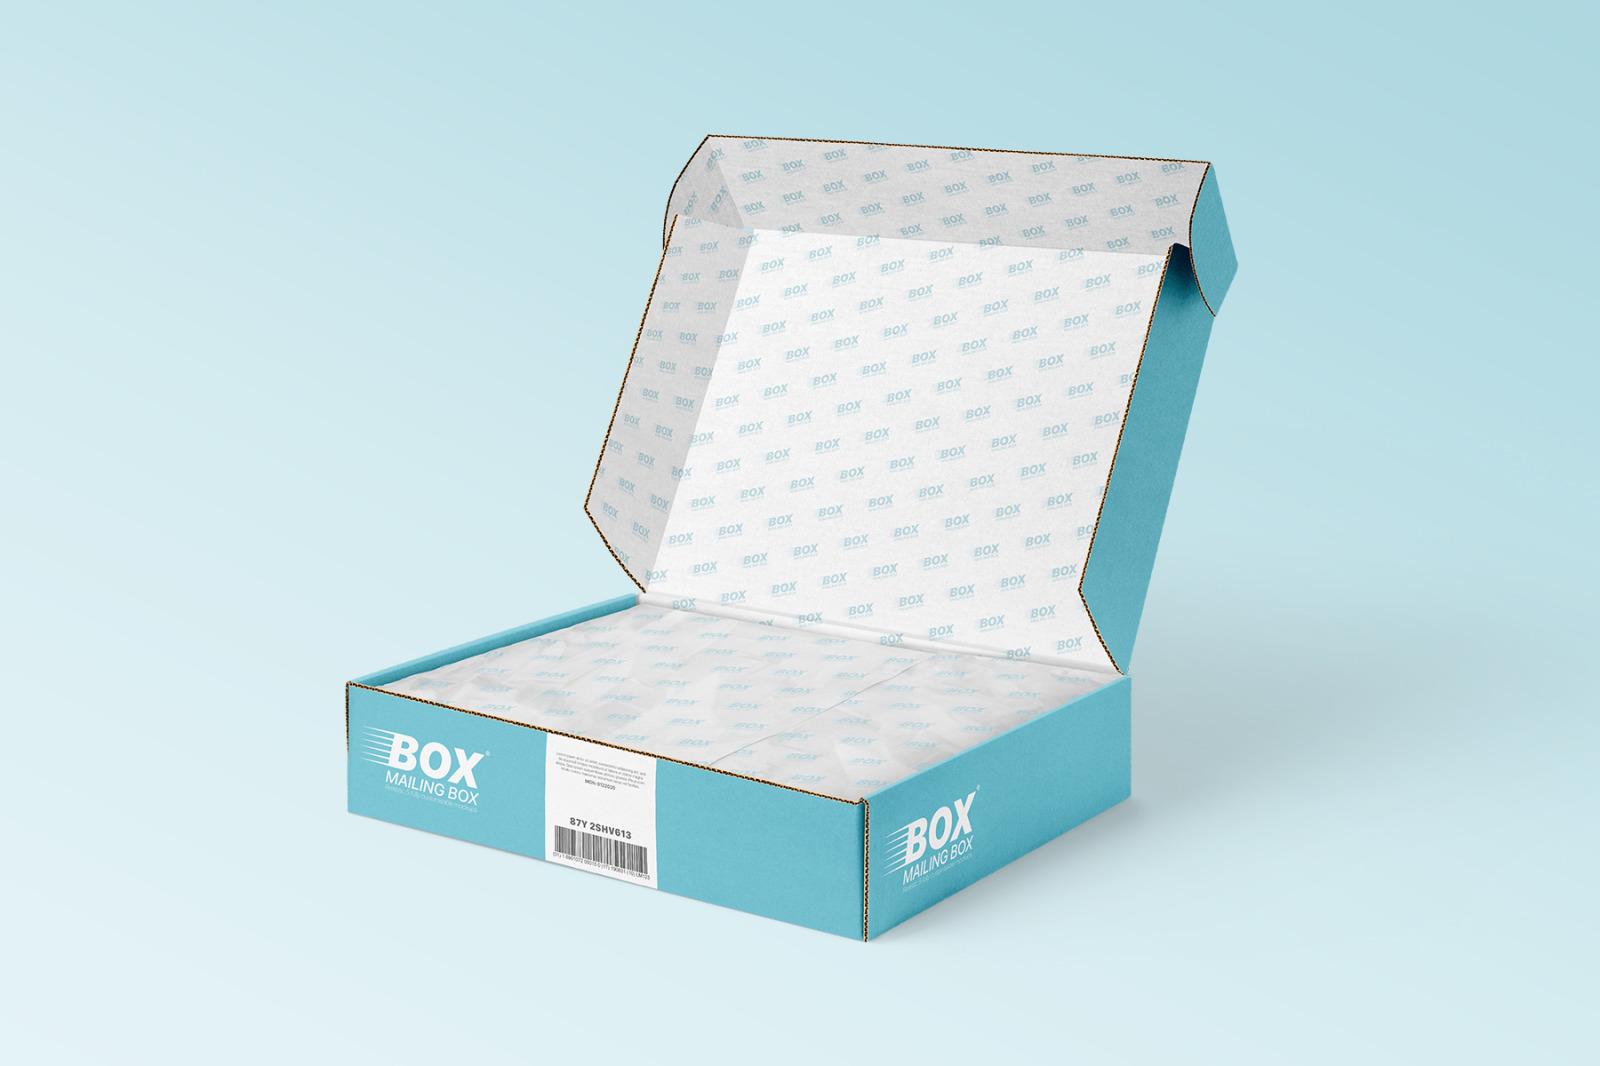 多角度快递包装纸盒外观设计展示样机 Mailing Box Mockups Set插图(6)